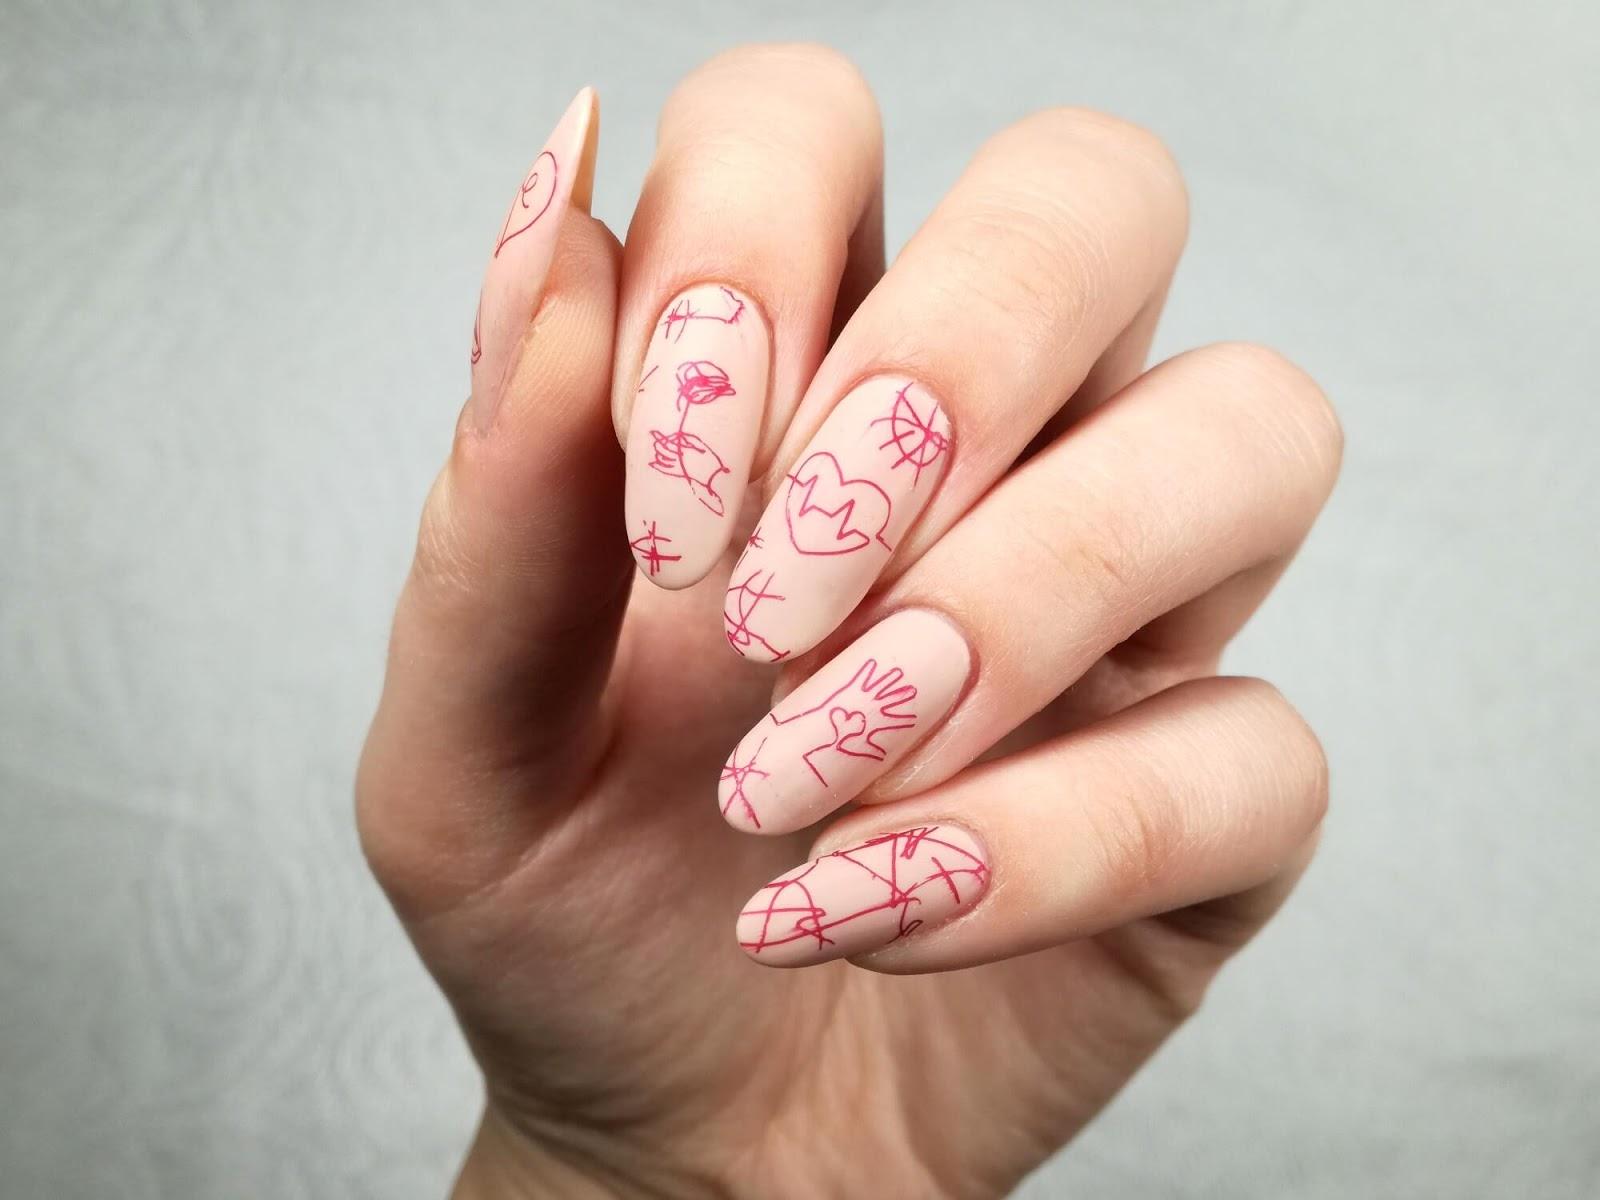 wzorki na cielistych paznokciach